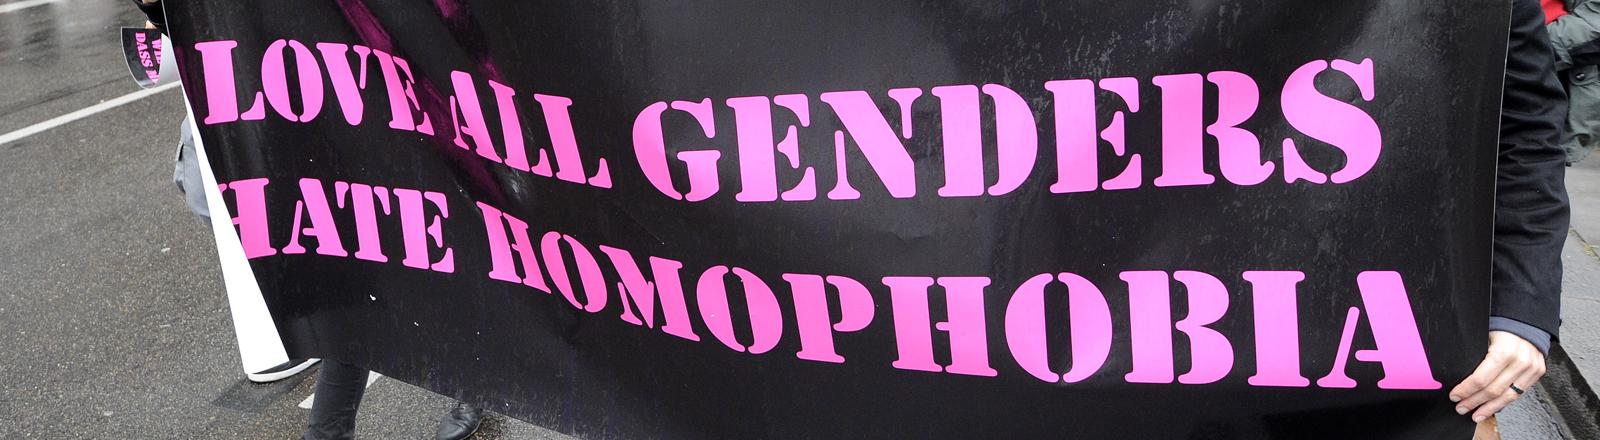 Auf einem Plakat steht Love all Genders hate homophobia